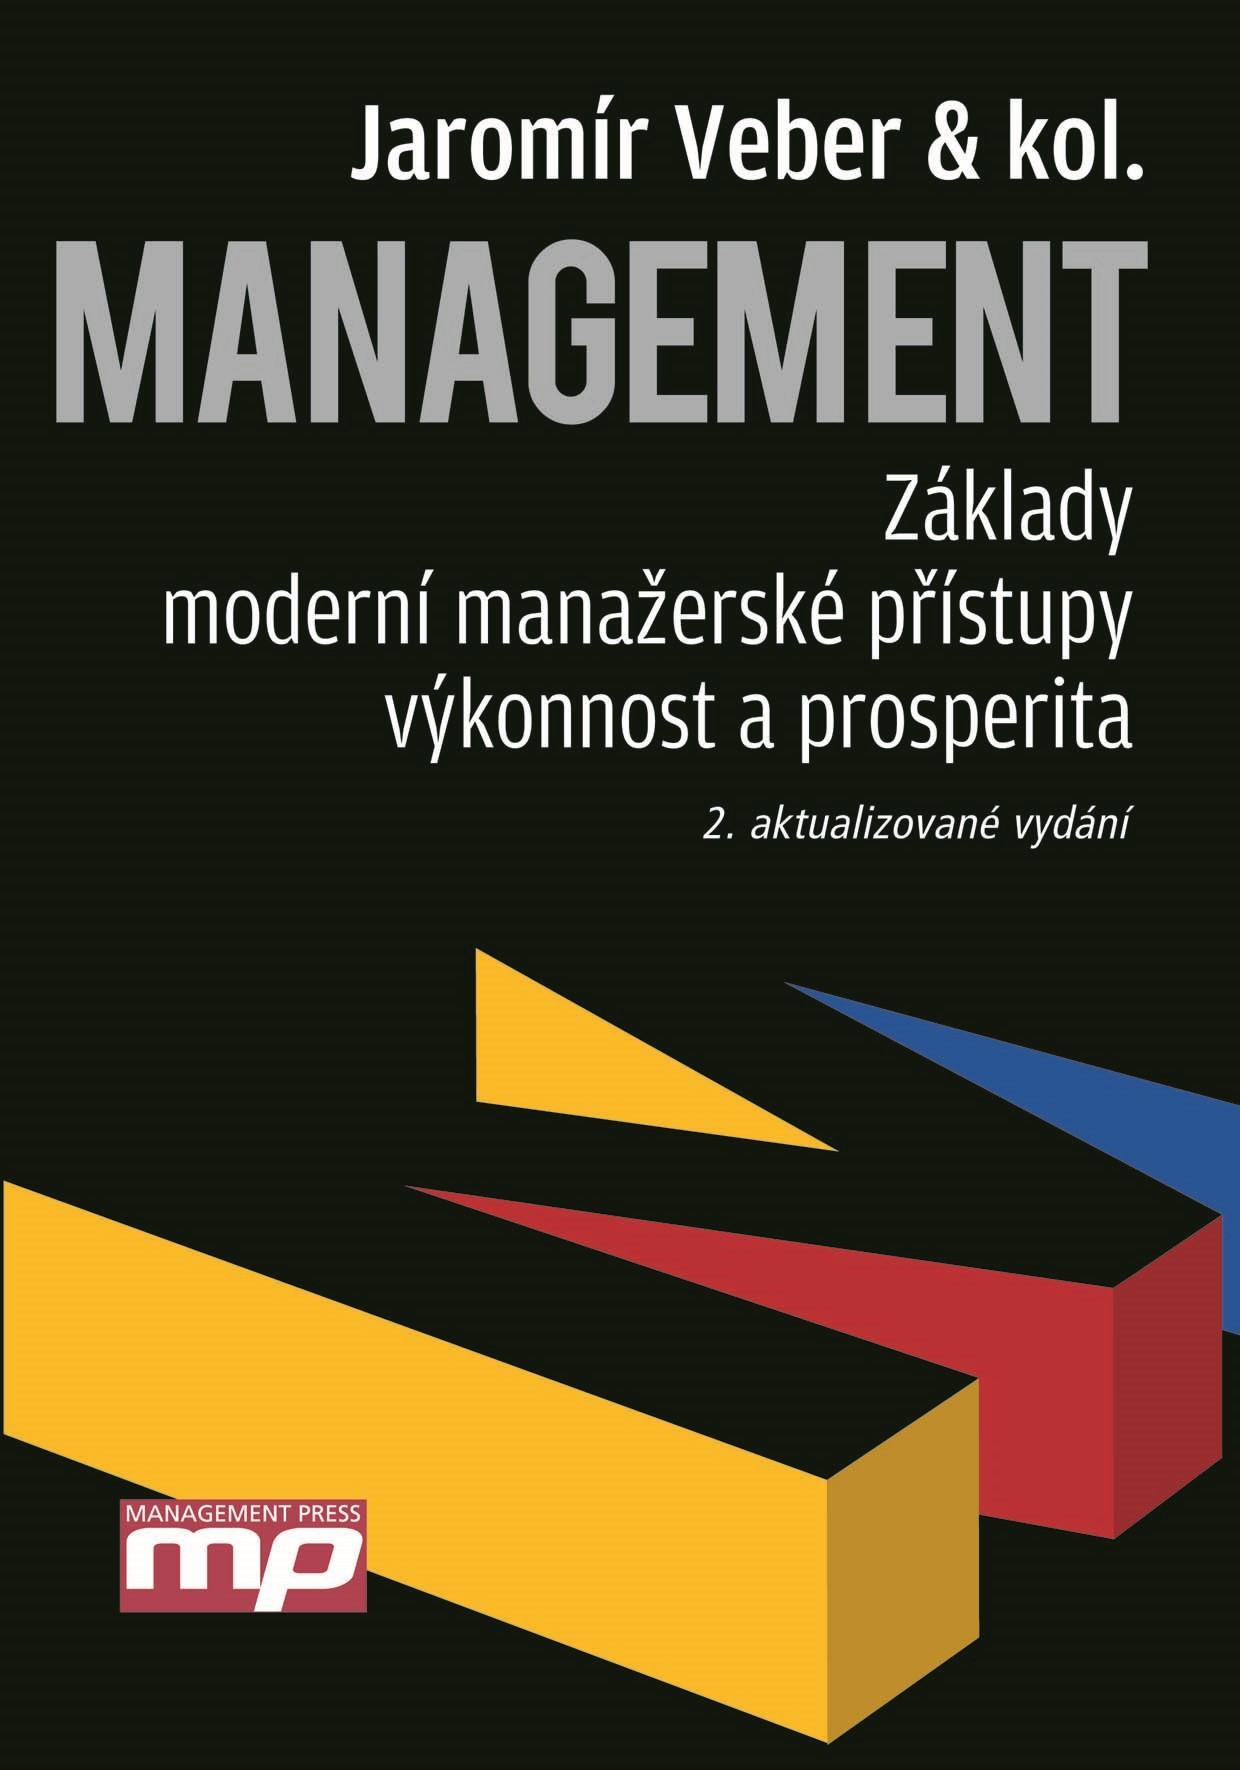 Management - Základy, moderní manažerské přístupy, výkonnost a prosperita